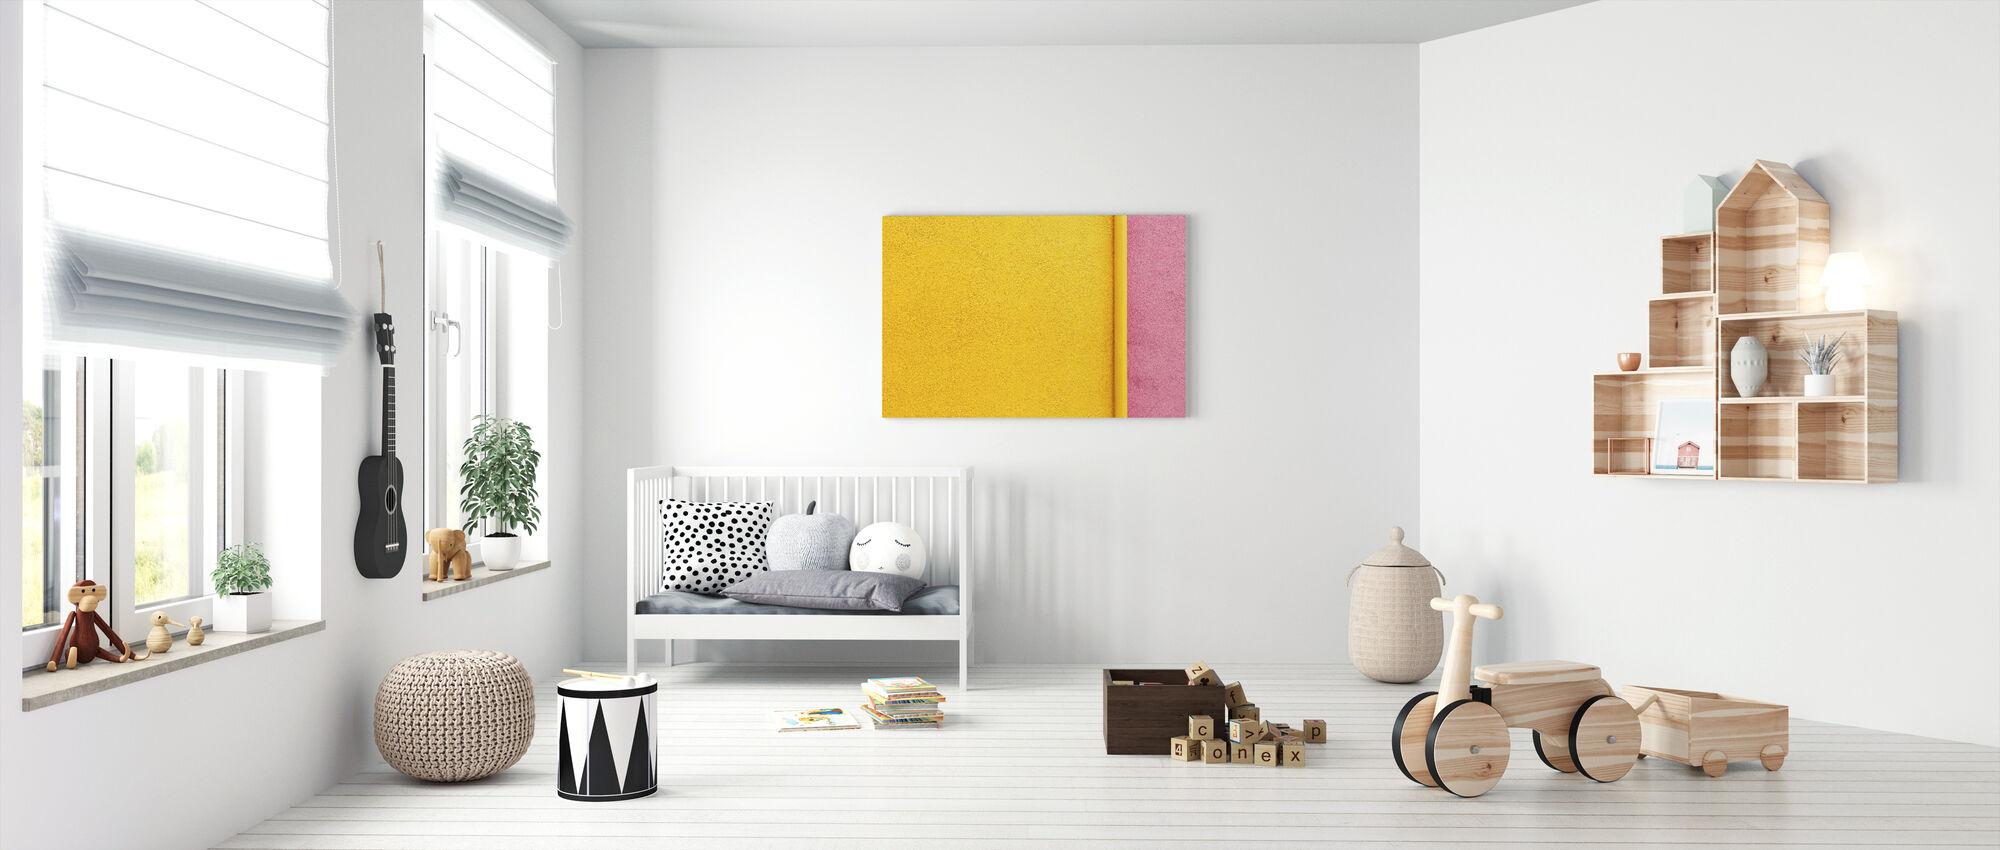 Keltainen ja vaaleanpunainen seinä putkella - Canvastaulu - Vauvan huone